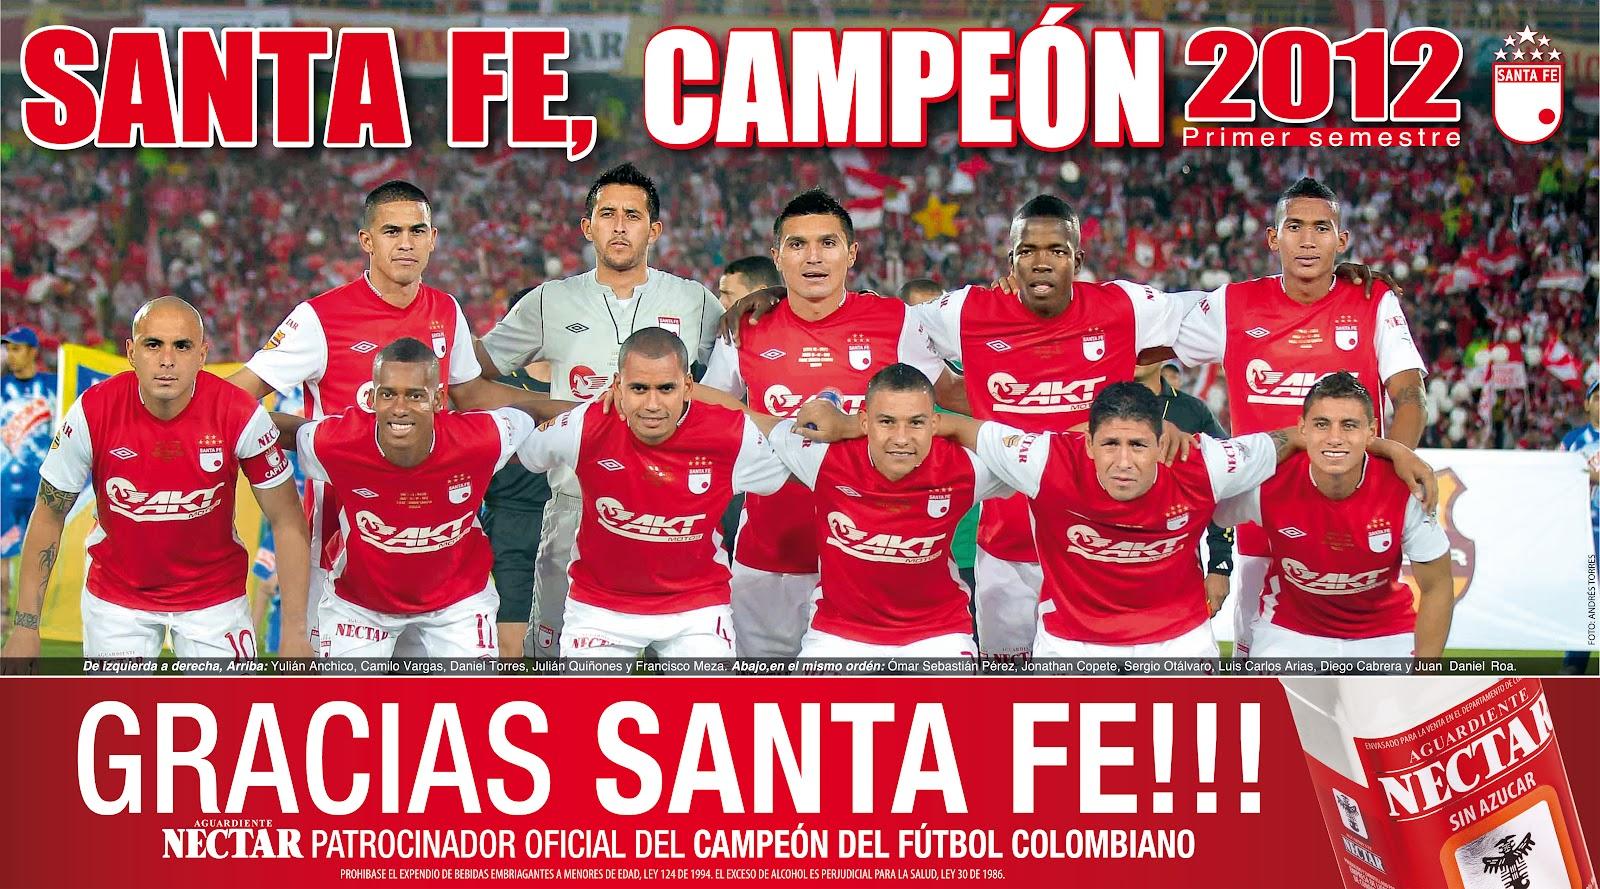 http://2.bp.blogspot.com/-n4_I-9kdujw/UAeLyh-psOI/AAAAAAAAD1k/r1tjZgnbf2A/s1600/santa+fe+campeon.jpg